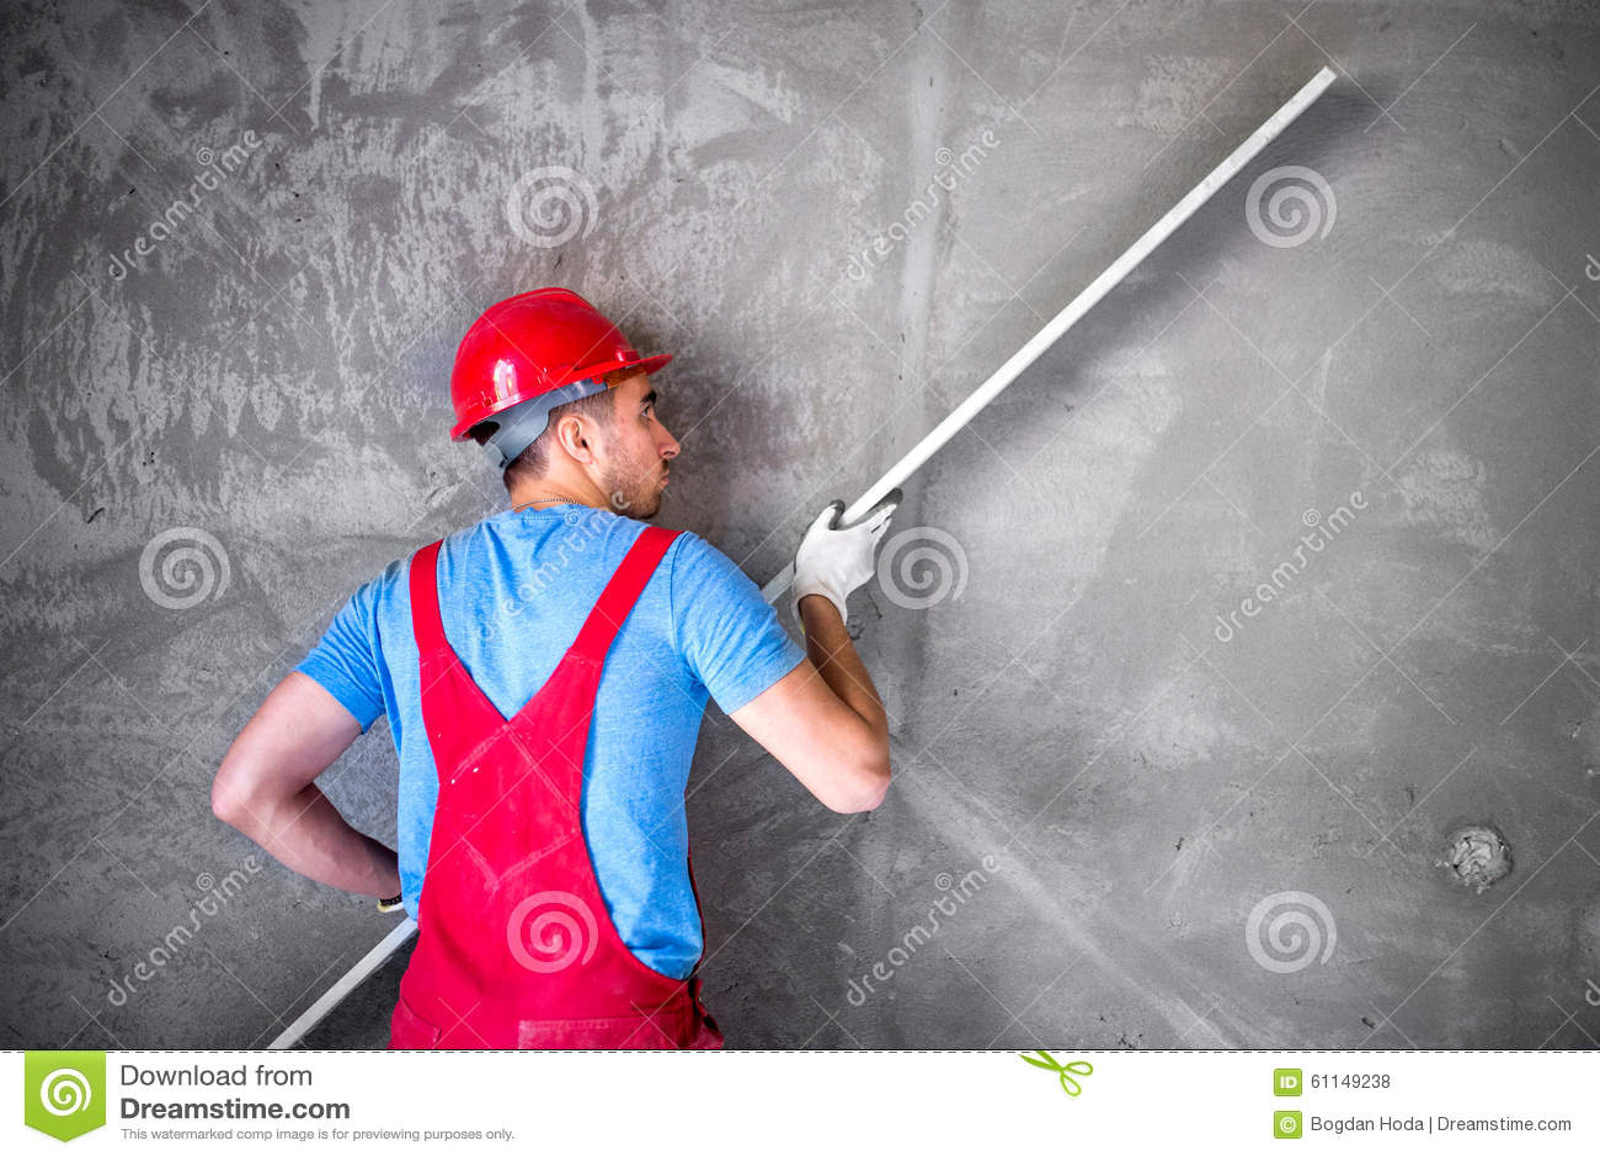 Γυψαδόρος στην εργασία για το εργοτάξιο οικοδομής, τους ισοπεδώνοντας τοίχους και τον έλεγχο της ποιότητας Βιομηχανικός εργάτης σ